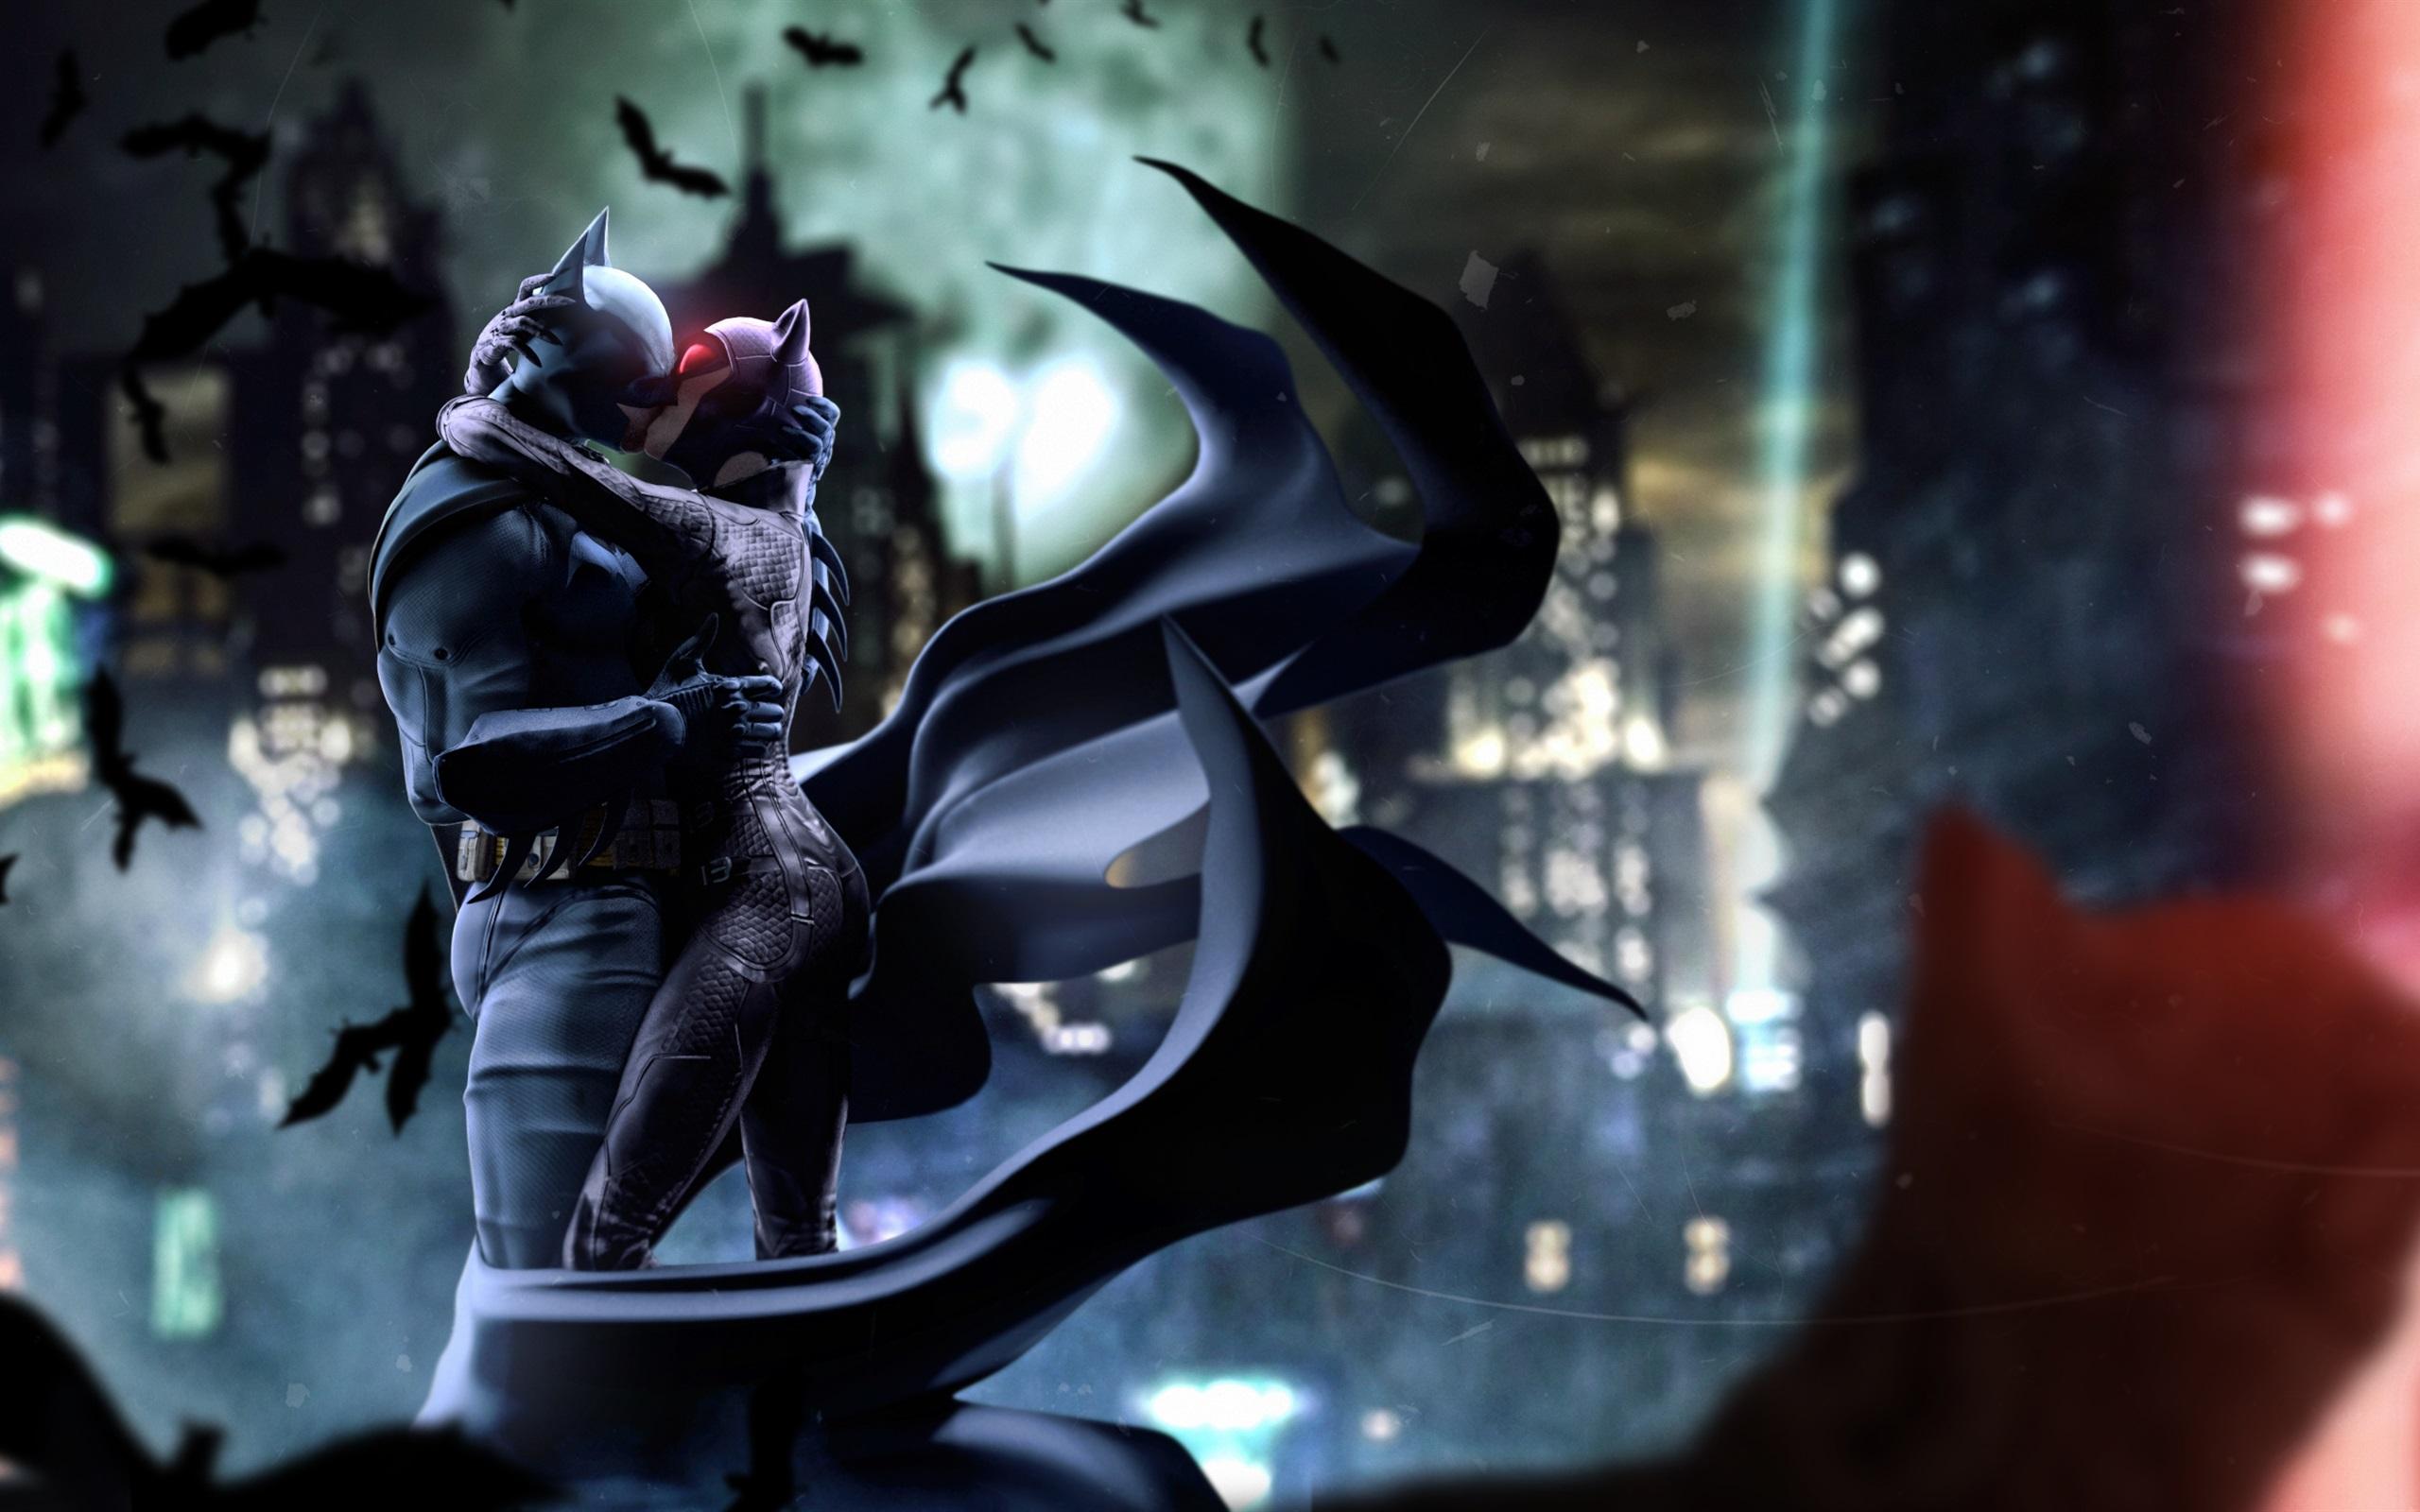 Wallpaper Batman And Catwoman Kiss Dc Comics 2560x1600 Hd Picture